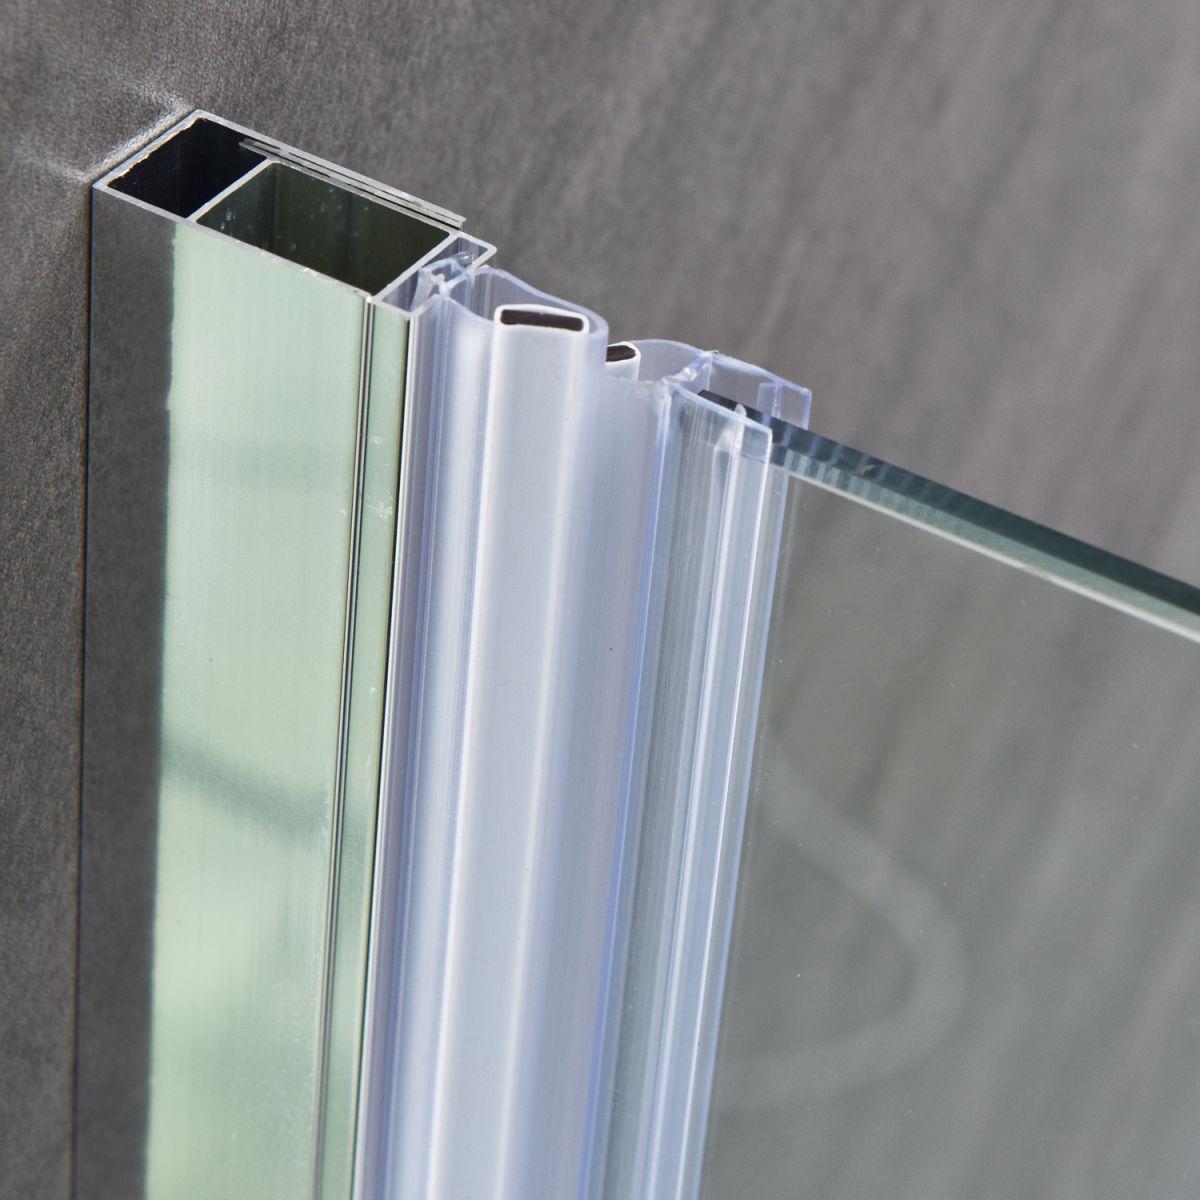 """SC 2117 5 Porta doccia """"Nettuno"""" con anta battente 90 cm cristallo trasparente da 6 mm"""